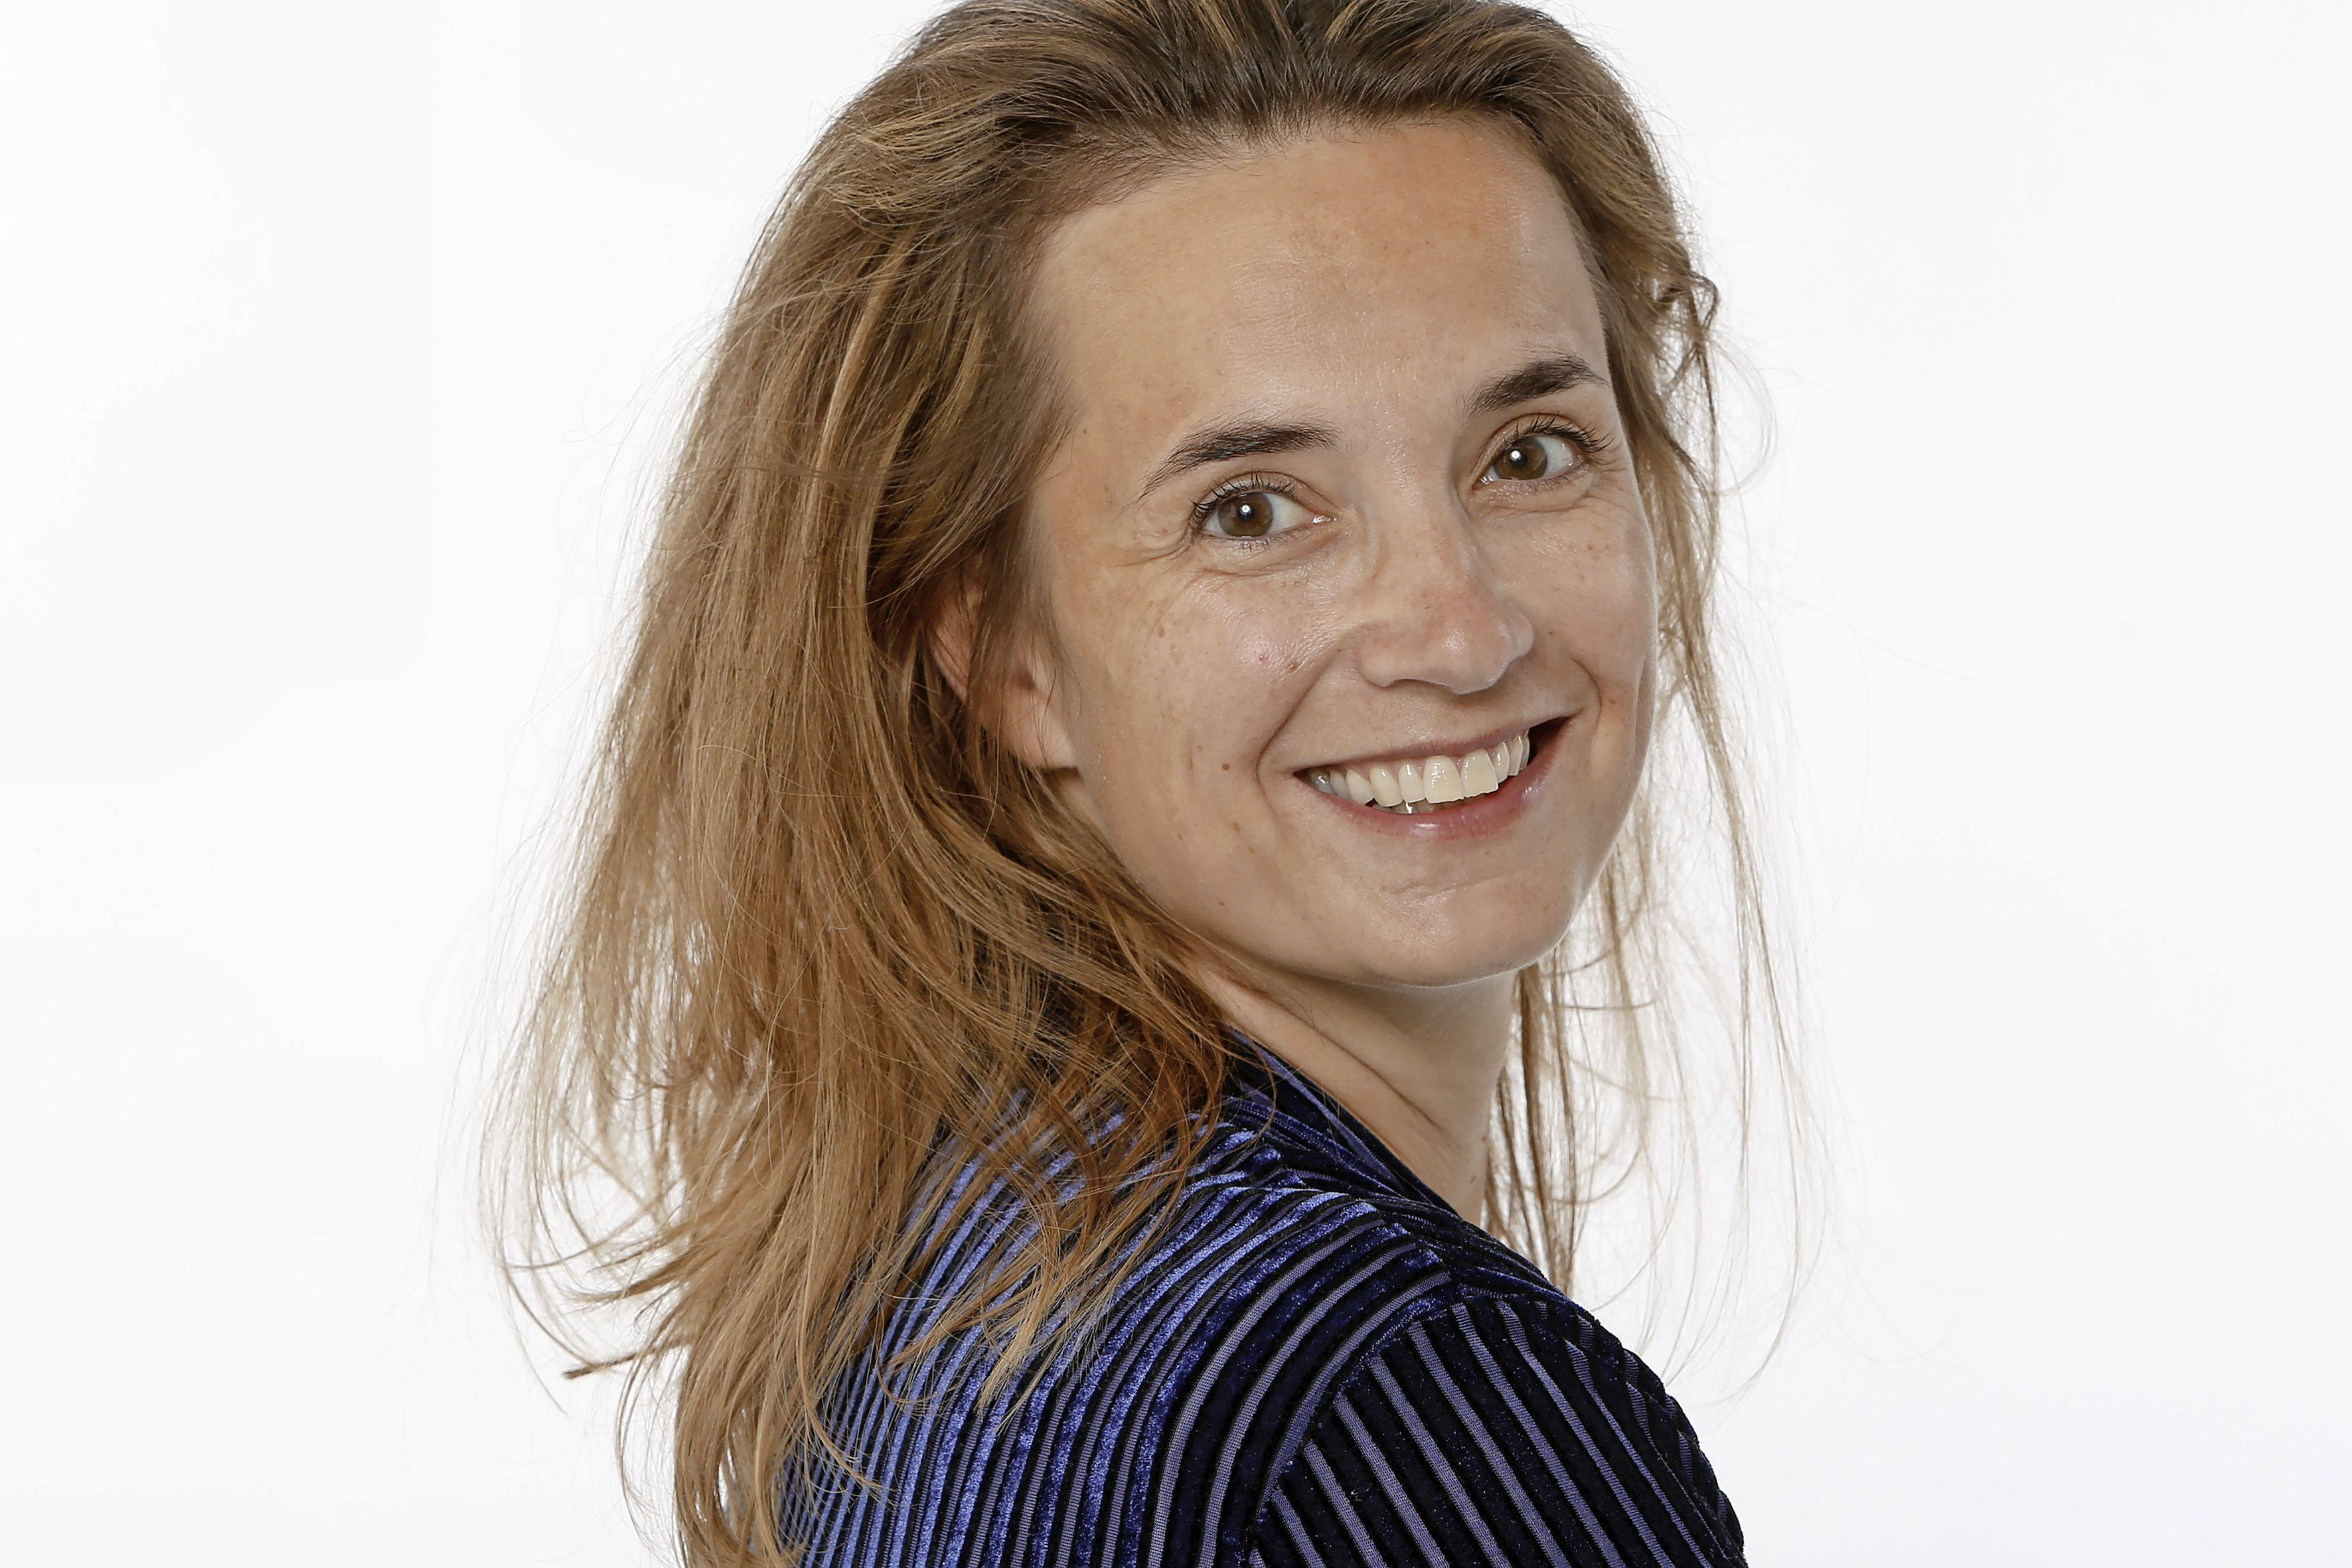 Domweg gelukkig in Muiderberg, maar toch een spijtamsterdammer | column Janneke van der Horst